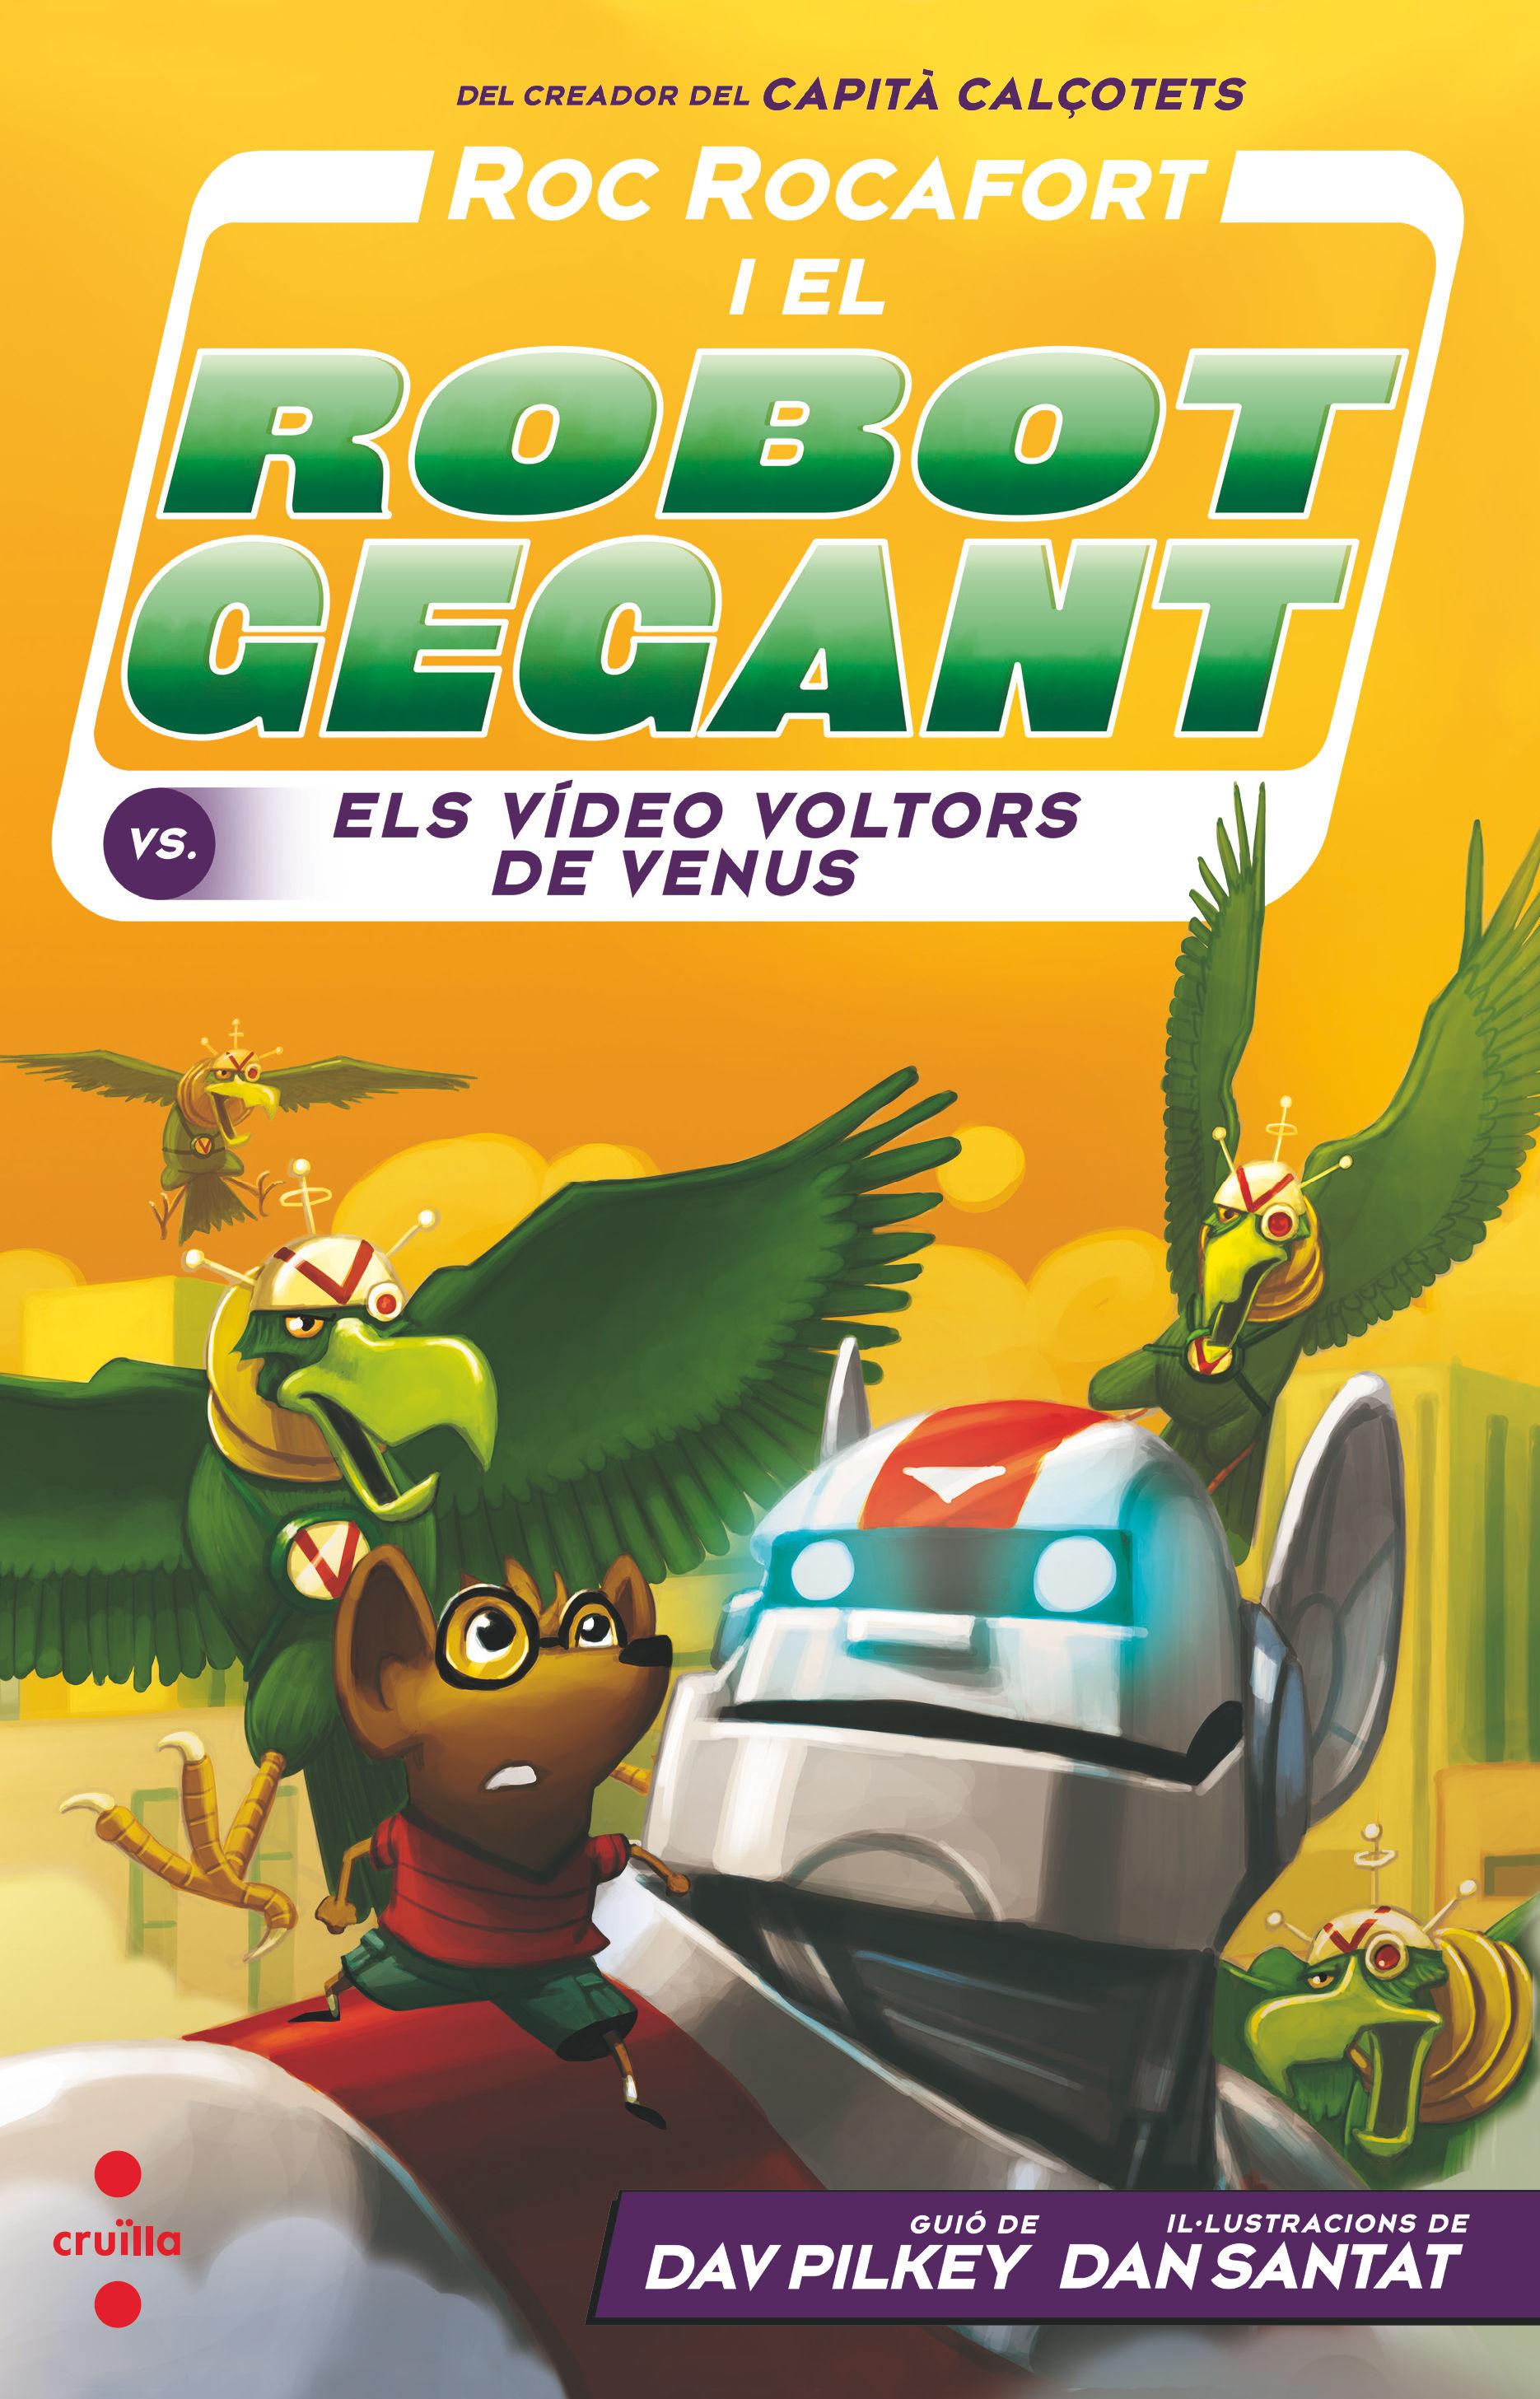 ROC ROCAFORT I EL ROBOT GEGANT 3 CONTRA ELS VIDEO VOLTORS DE VENUS